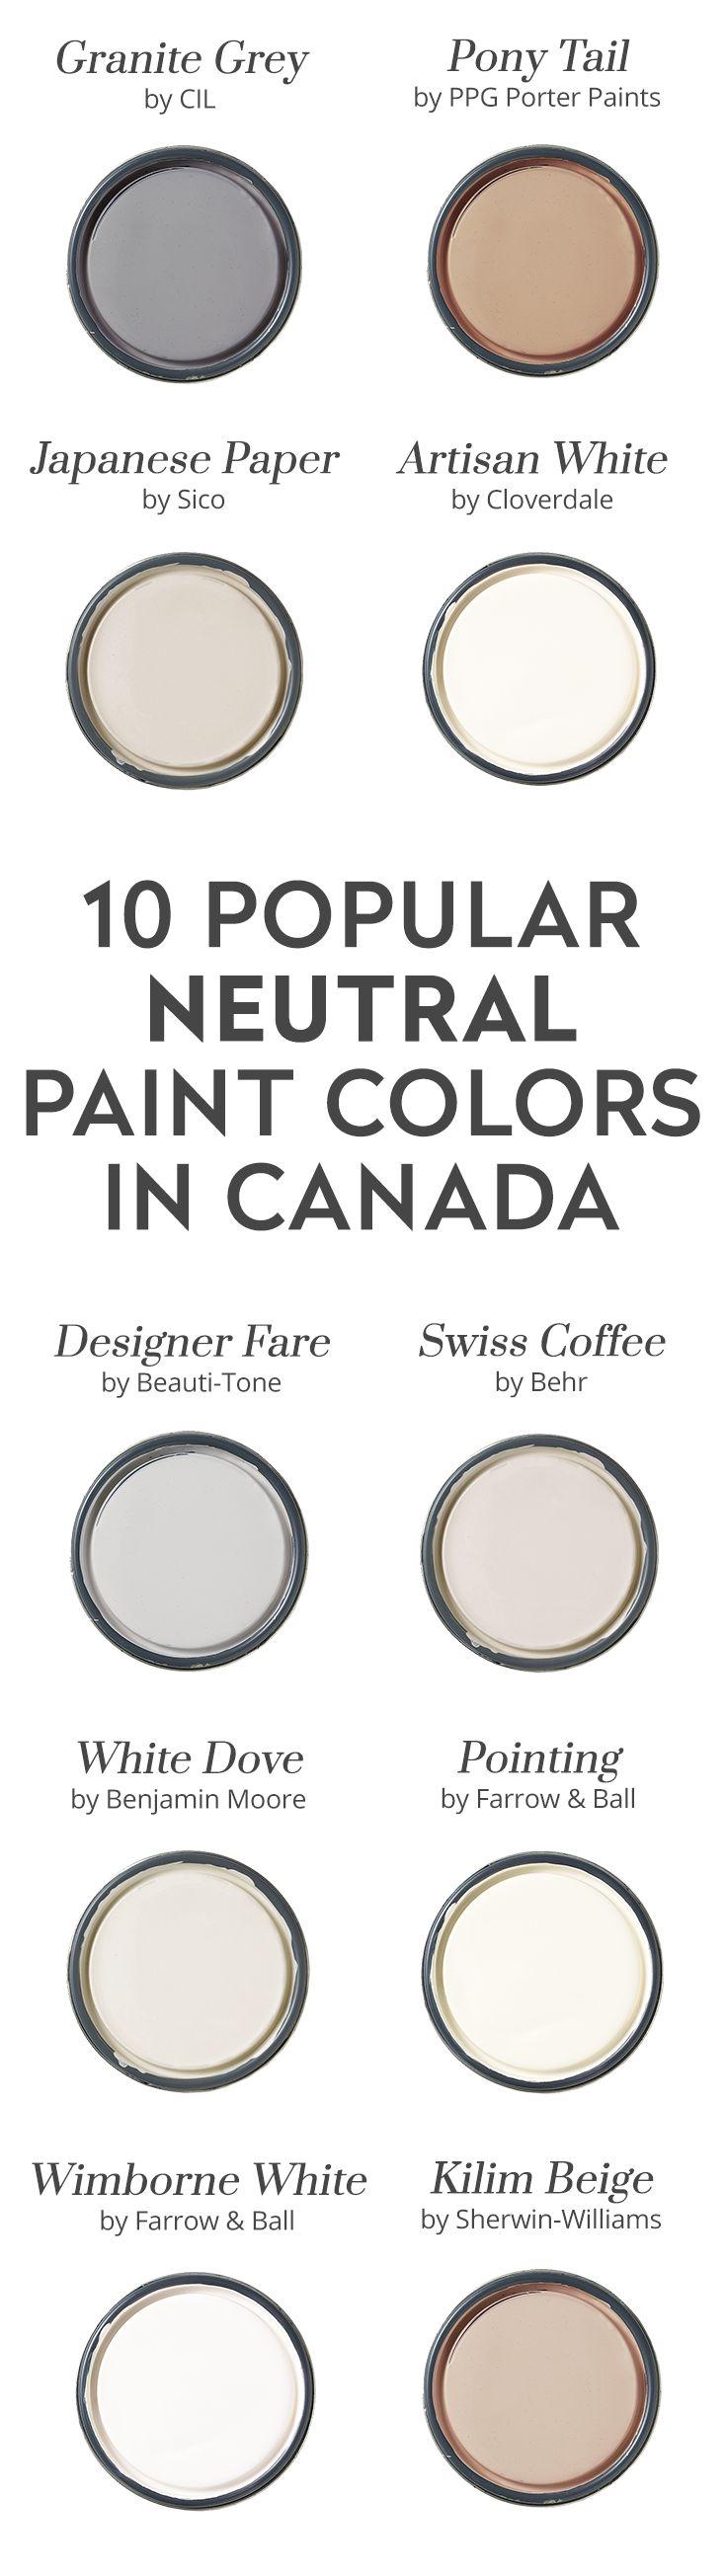 338 Best Images About Best Paint Colors On Pinterest